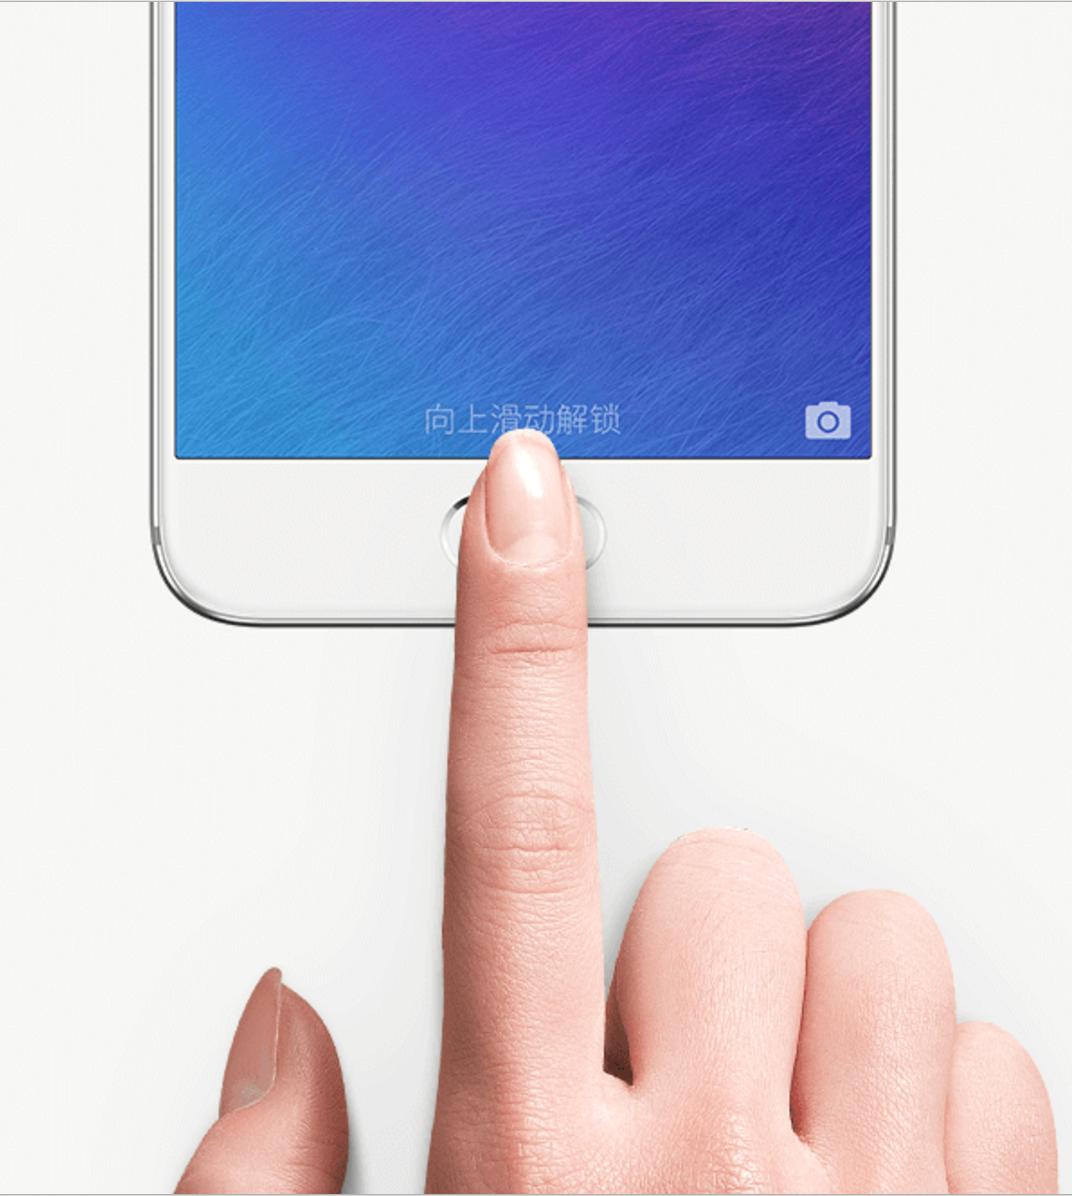 拥有压感屏幕和快充魅族Pro 6发布,适合买吗|深扒